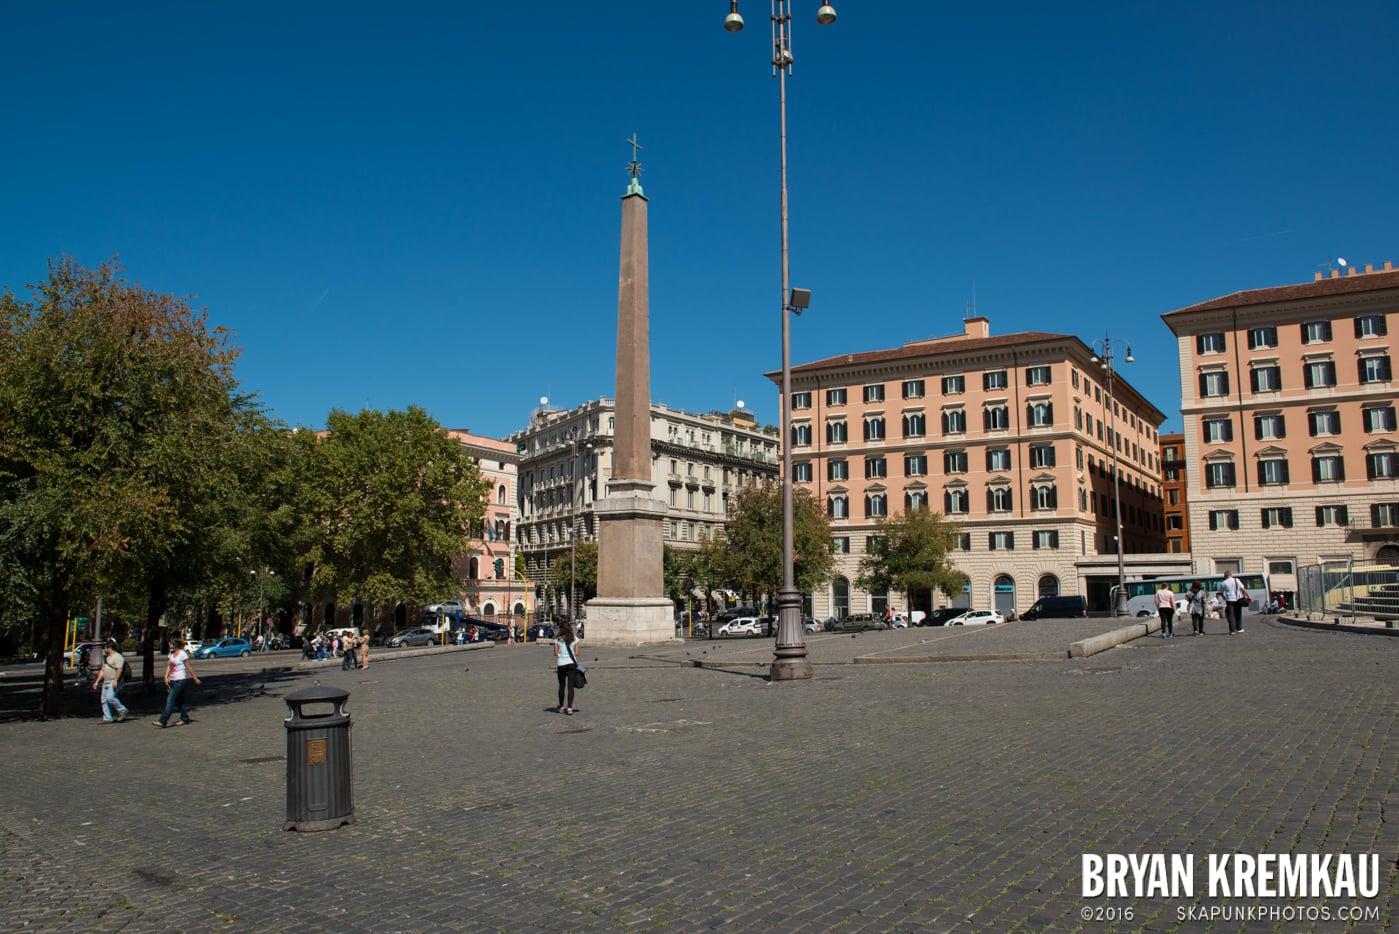 Italy Vacation - Day 12: Rome - 9.20.13 (49)